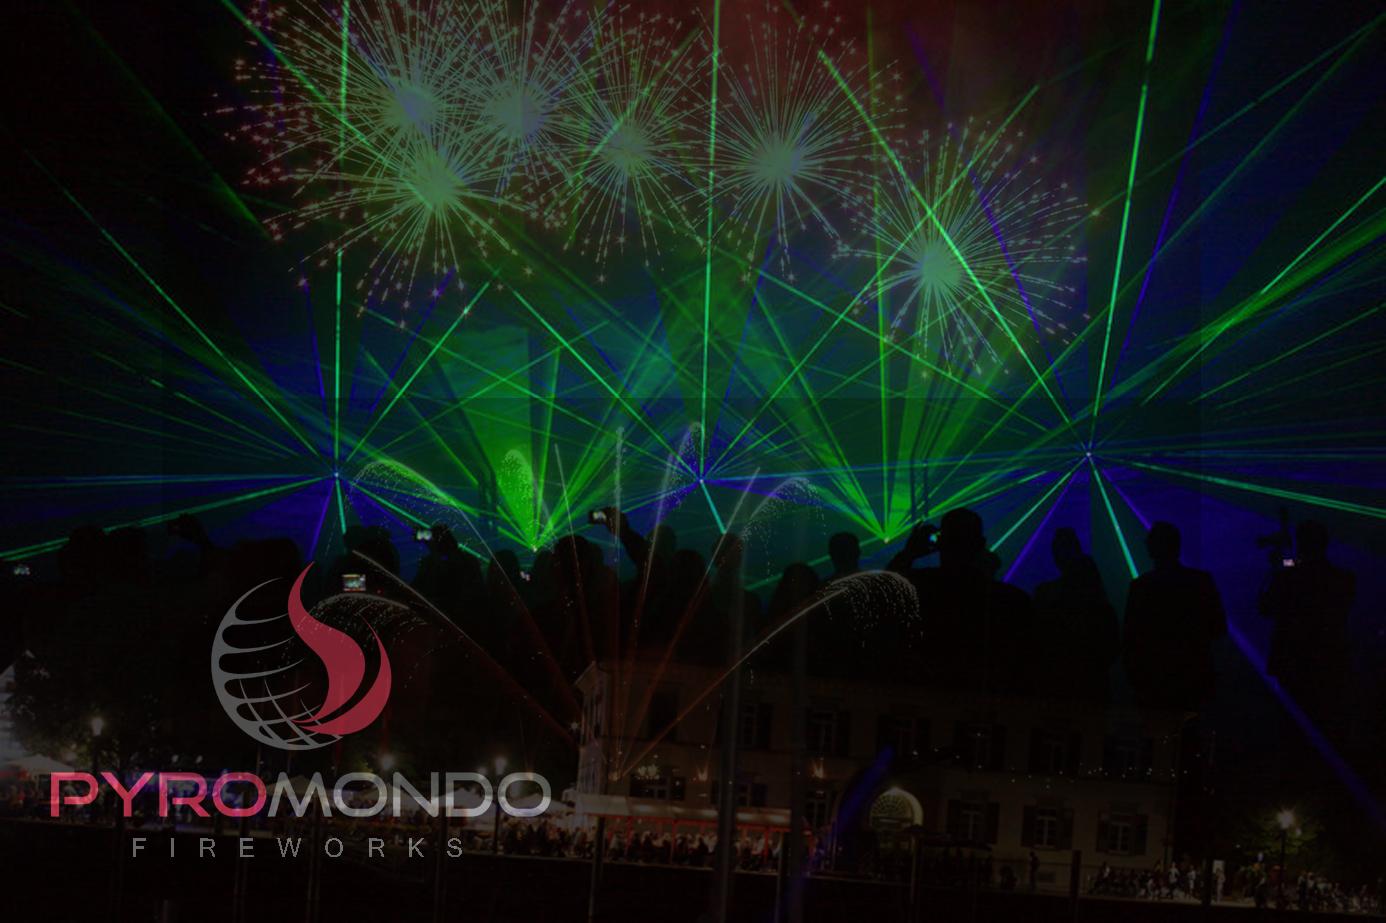 Bühnenshow - Pyromondo Fireworks